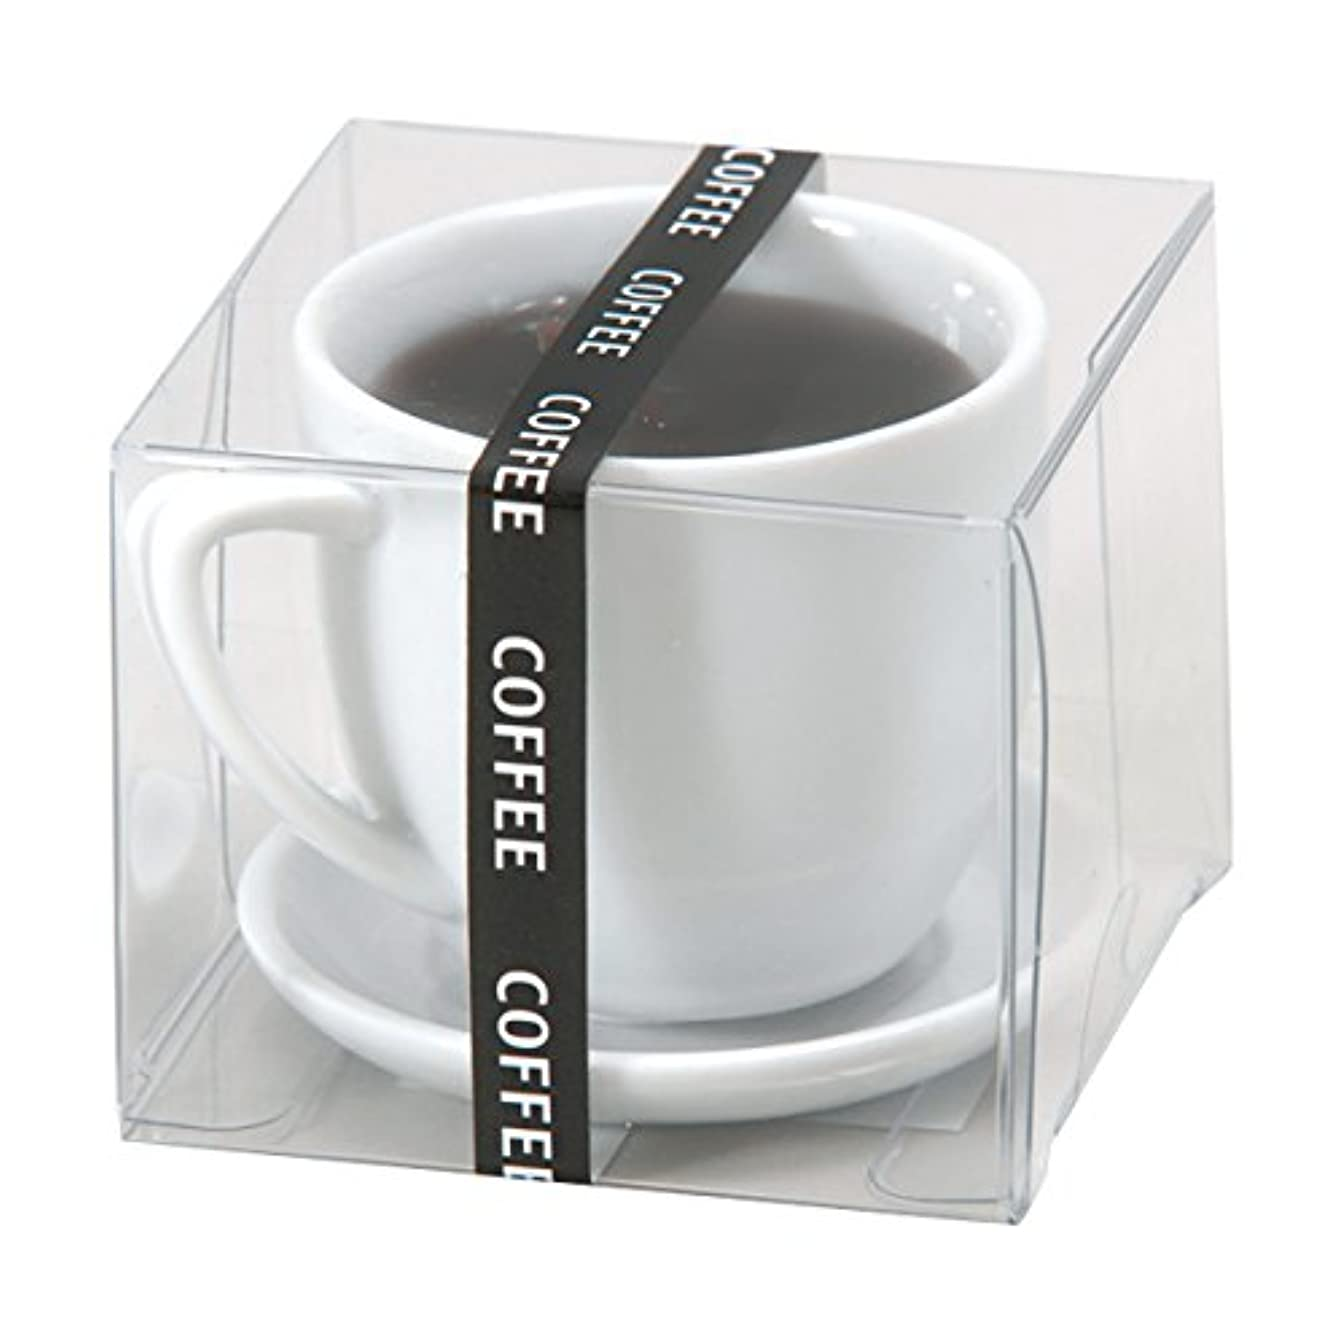 ラッシュ合体溶融ホットコーヒー ローソク